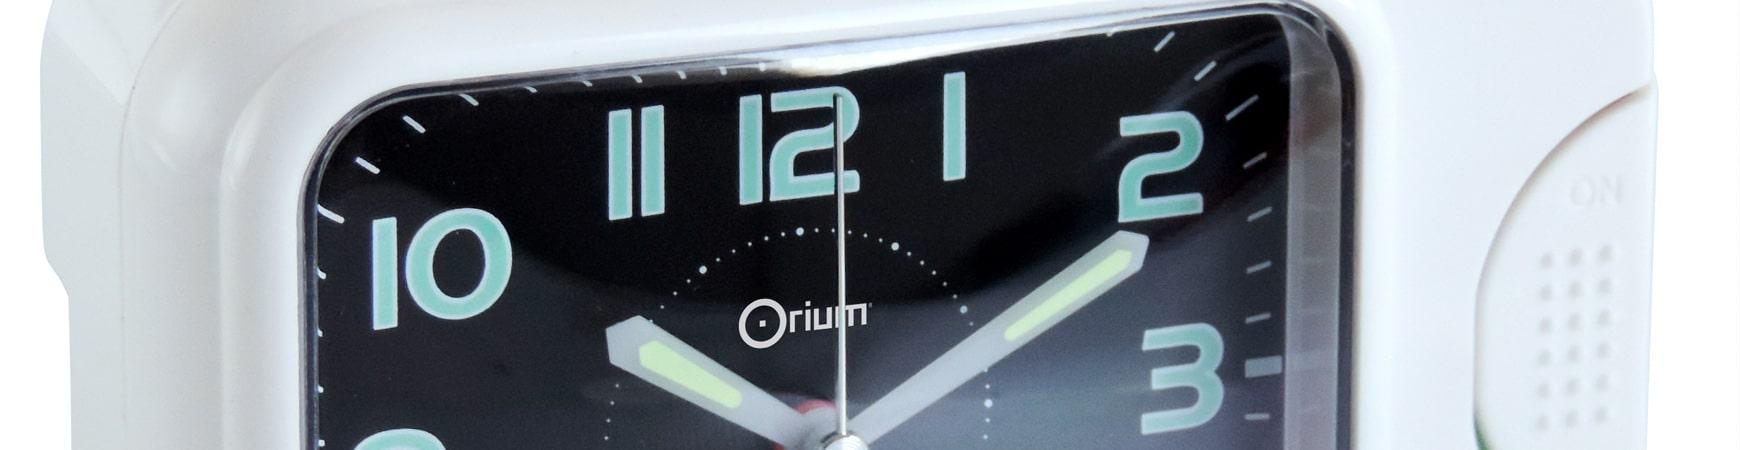 Horloge à LED radio-contrôlée